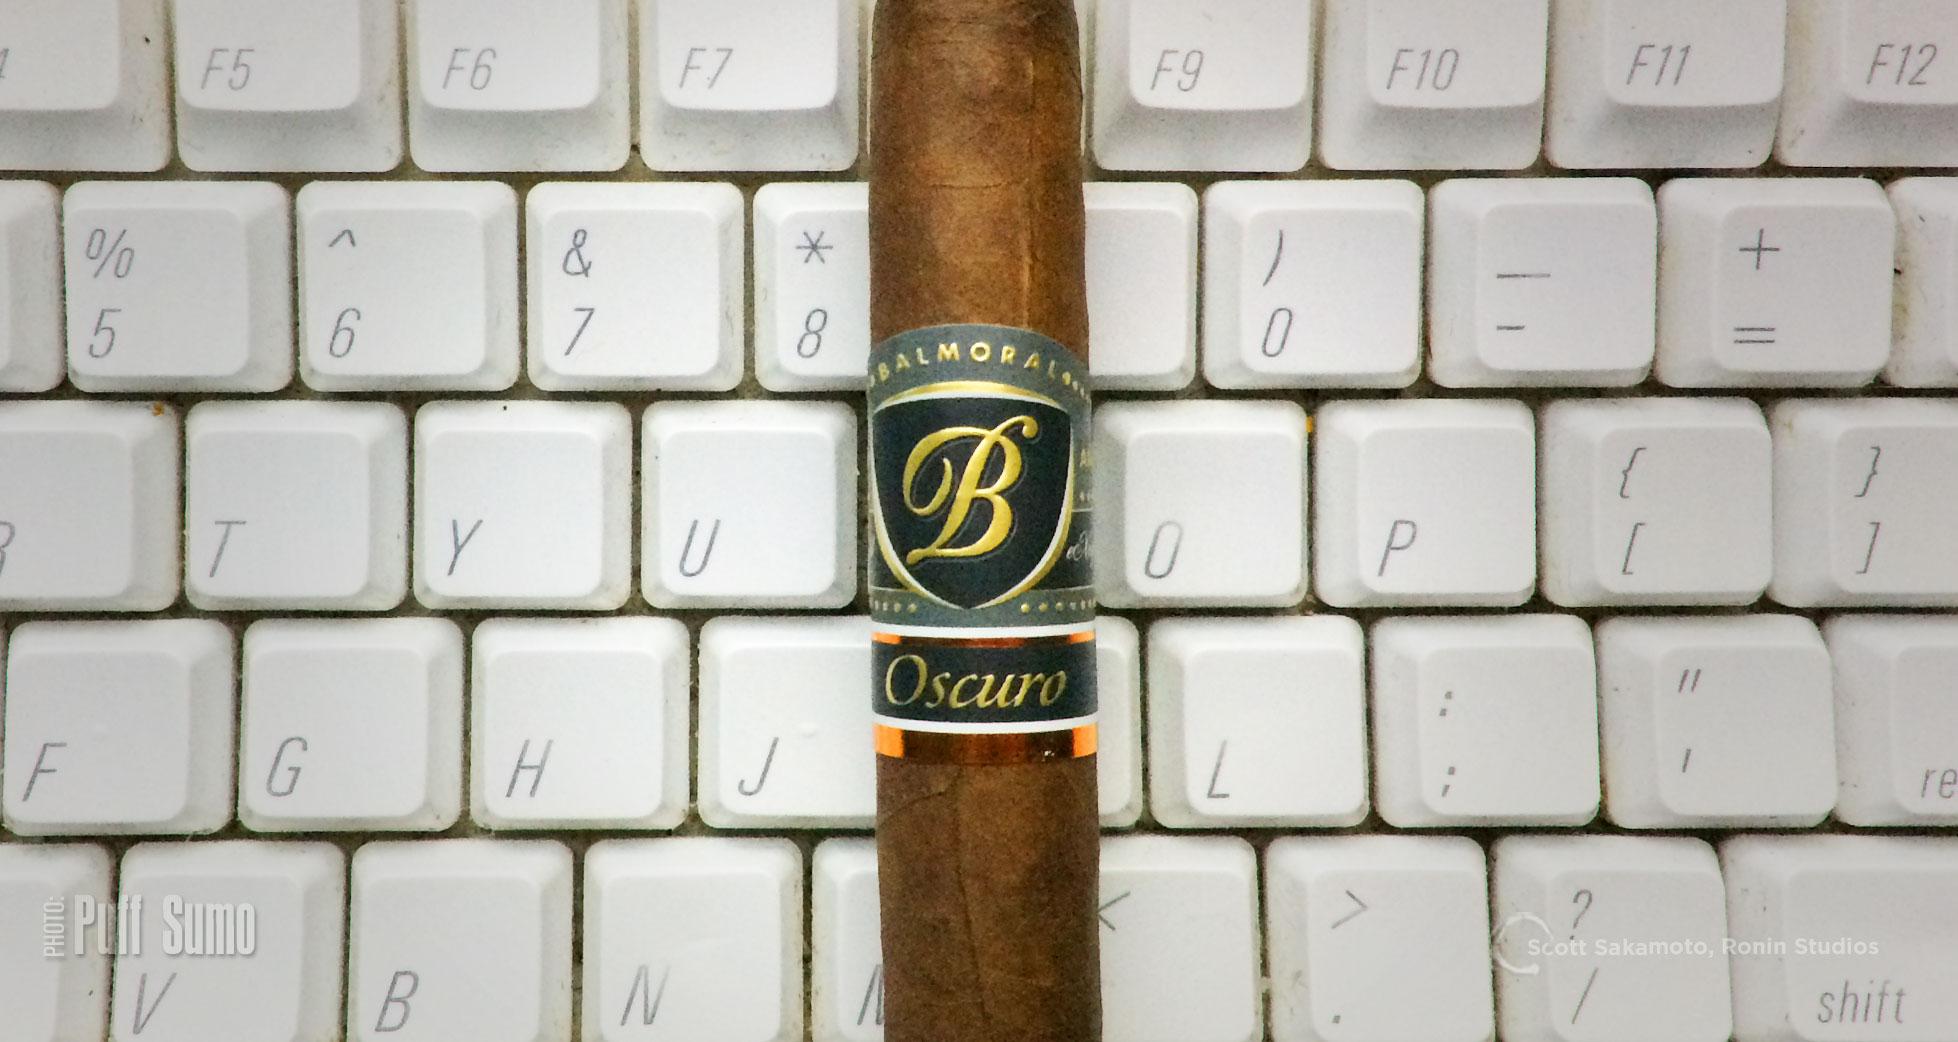 Añejo XO Oscuro, Balmoral Cigars, Mexico San Andres, Corona